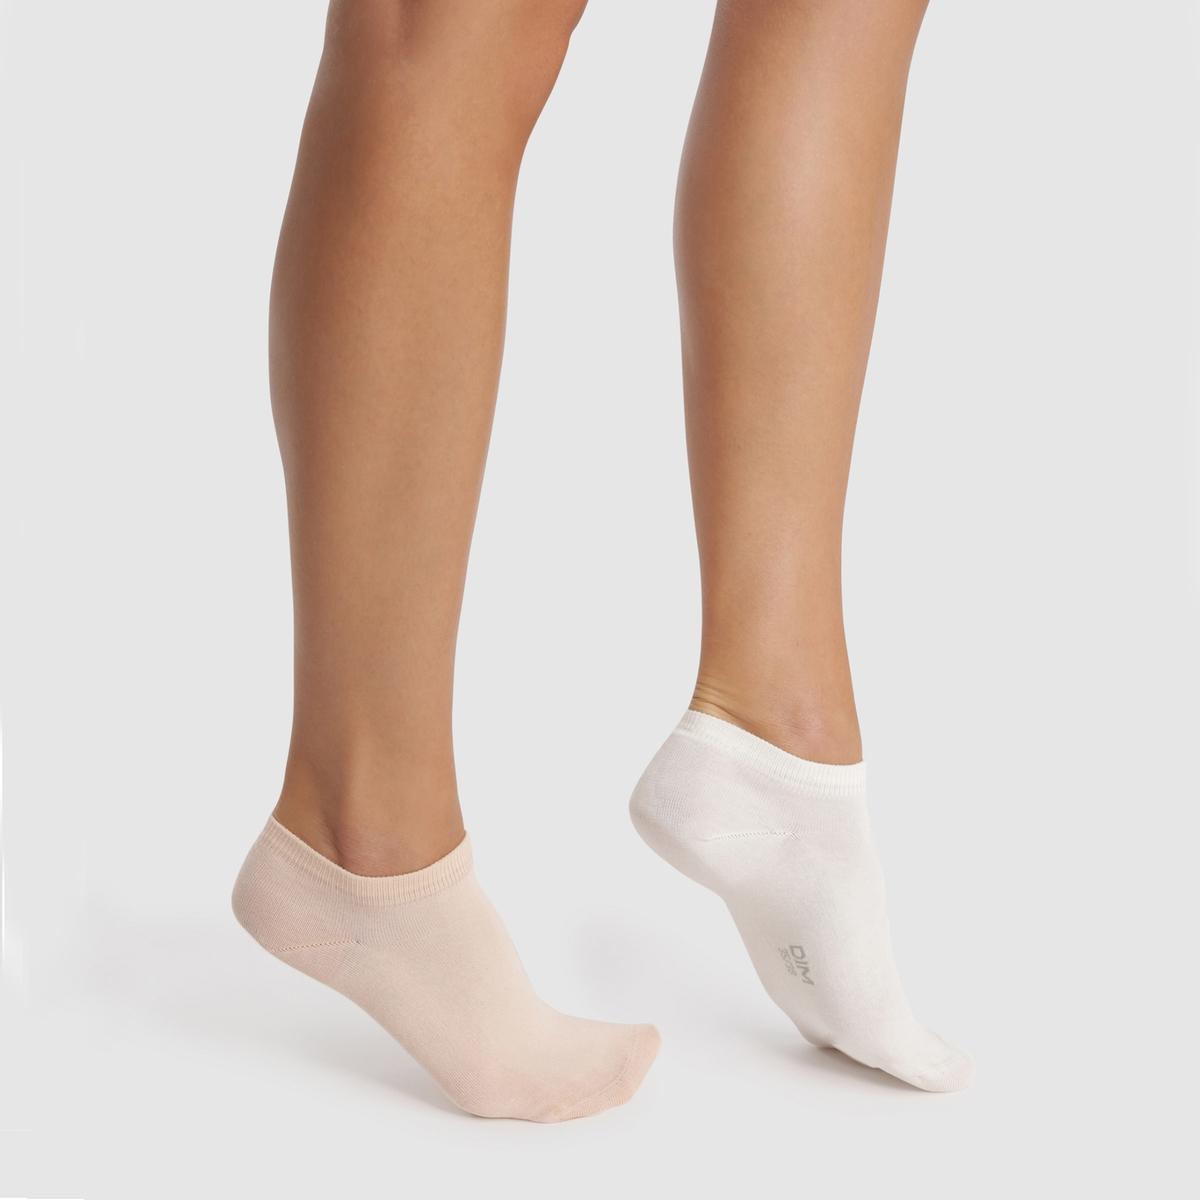 Imagen principal de producto de Calcetines cortos, lote de 2 pares - DIM